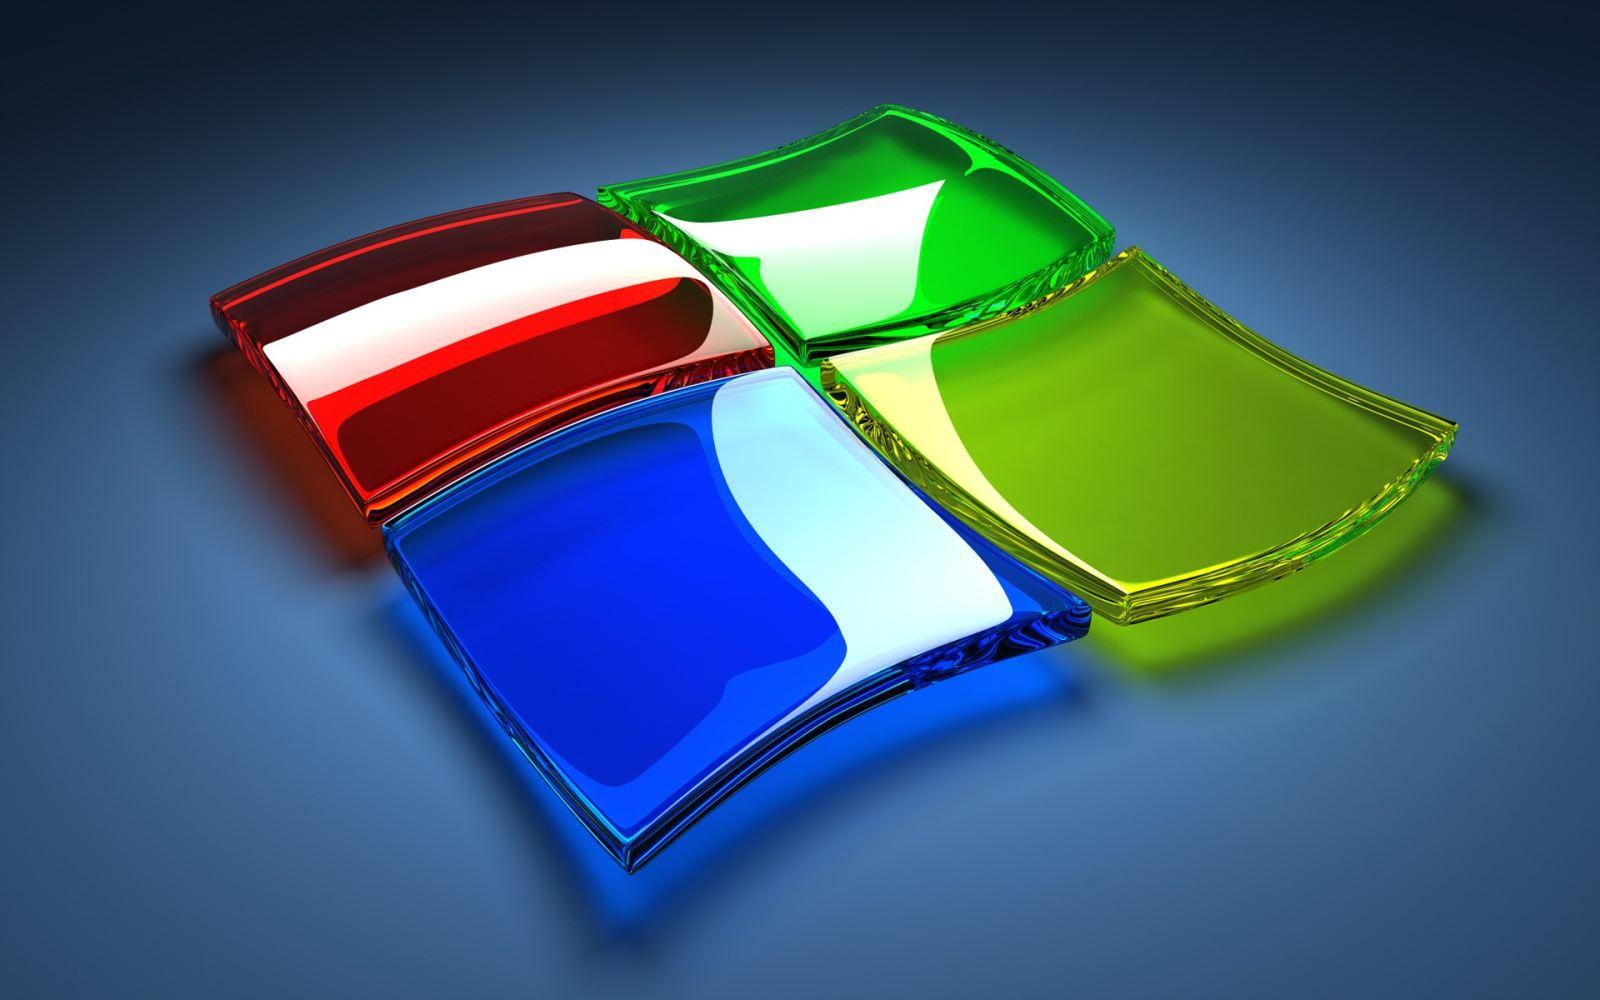 ویندوز سرور های 2003 جولانگاه هکرها!